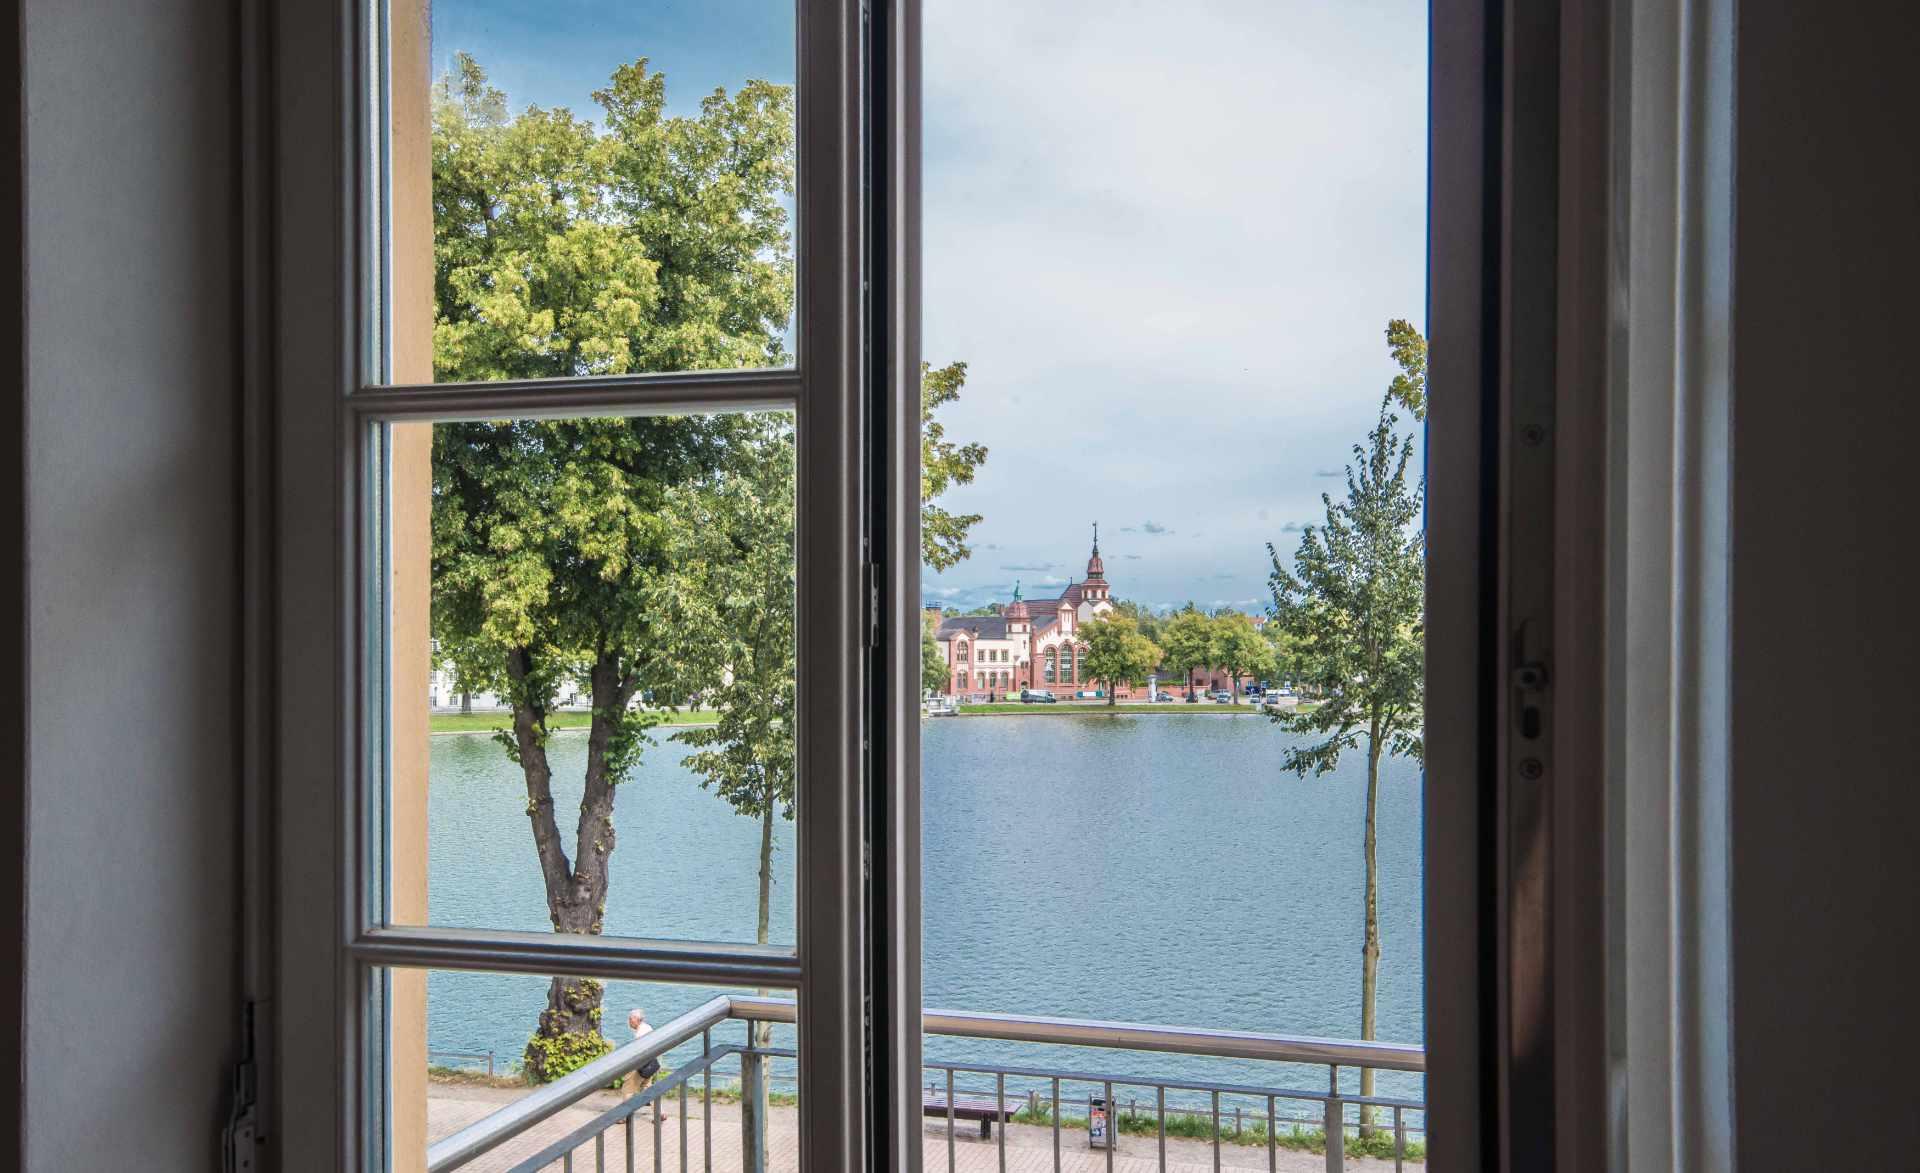 Durch das offenen Fenster fällt der Blick über den Pfaffenteich in Schwerin auf das E-Werk